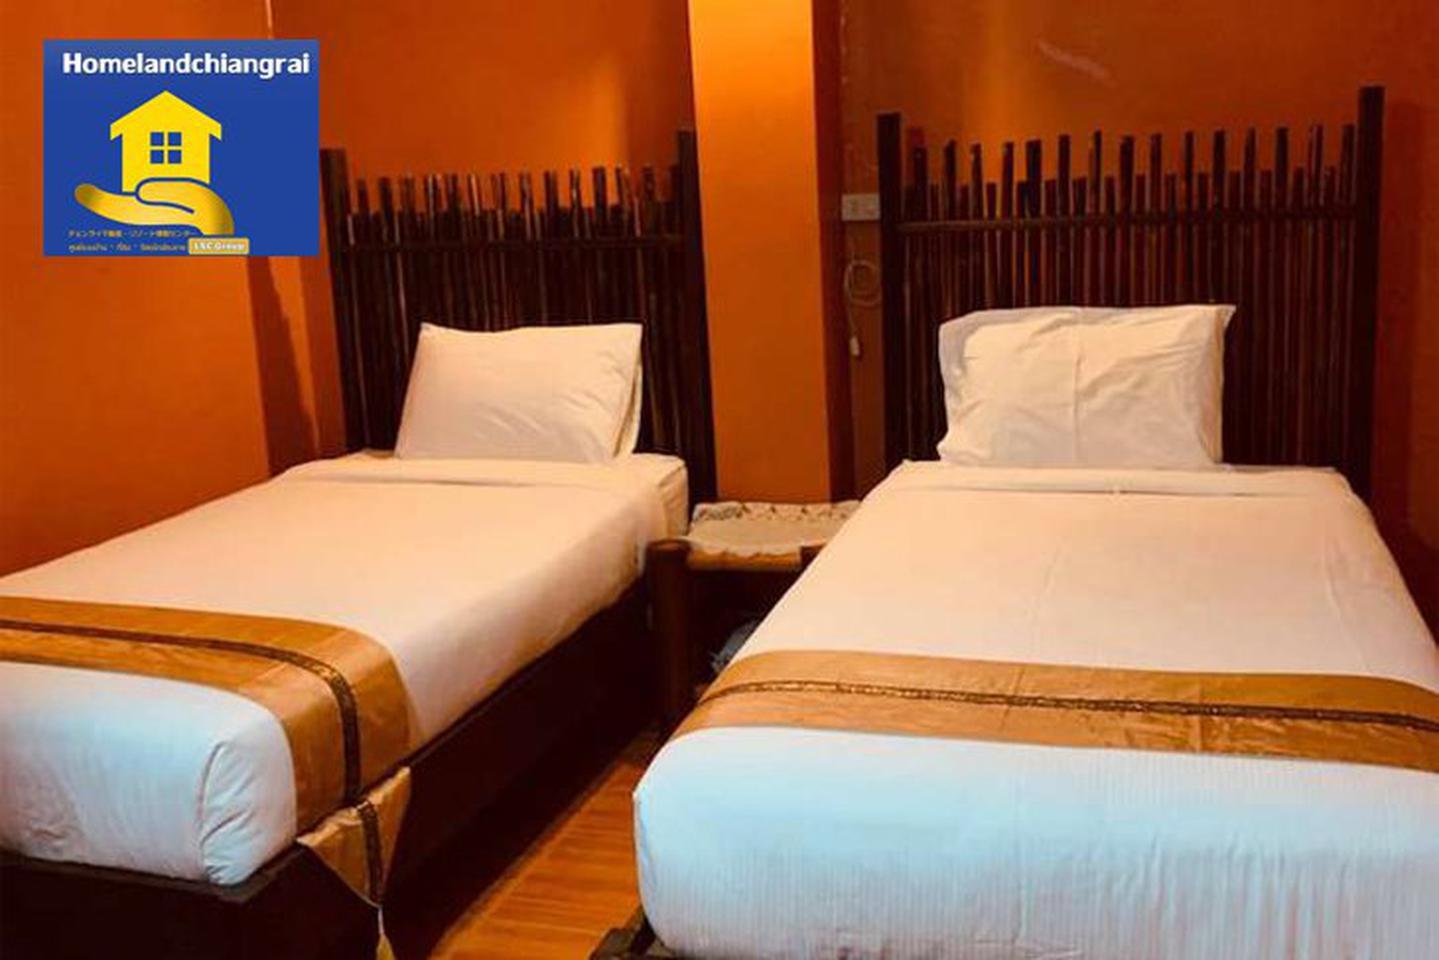 ขายธุรกิจโรงแรมและรีสอร์ทเชียงราย พร้อมดำเนินกิจการได้ทันที ในรูปแบบที่สวยงามไม่ซ้ำใคร รูปที่ 3